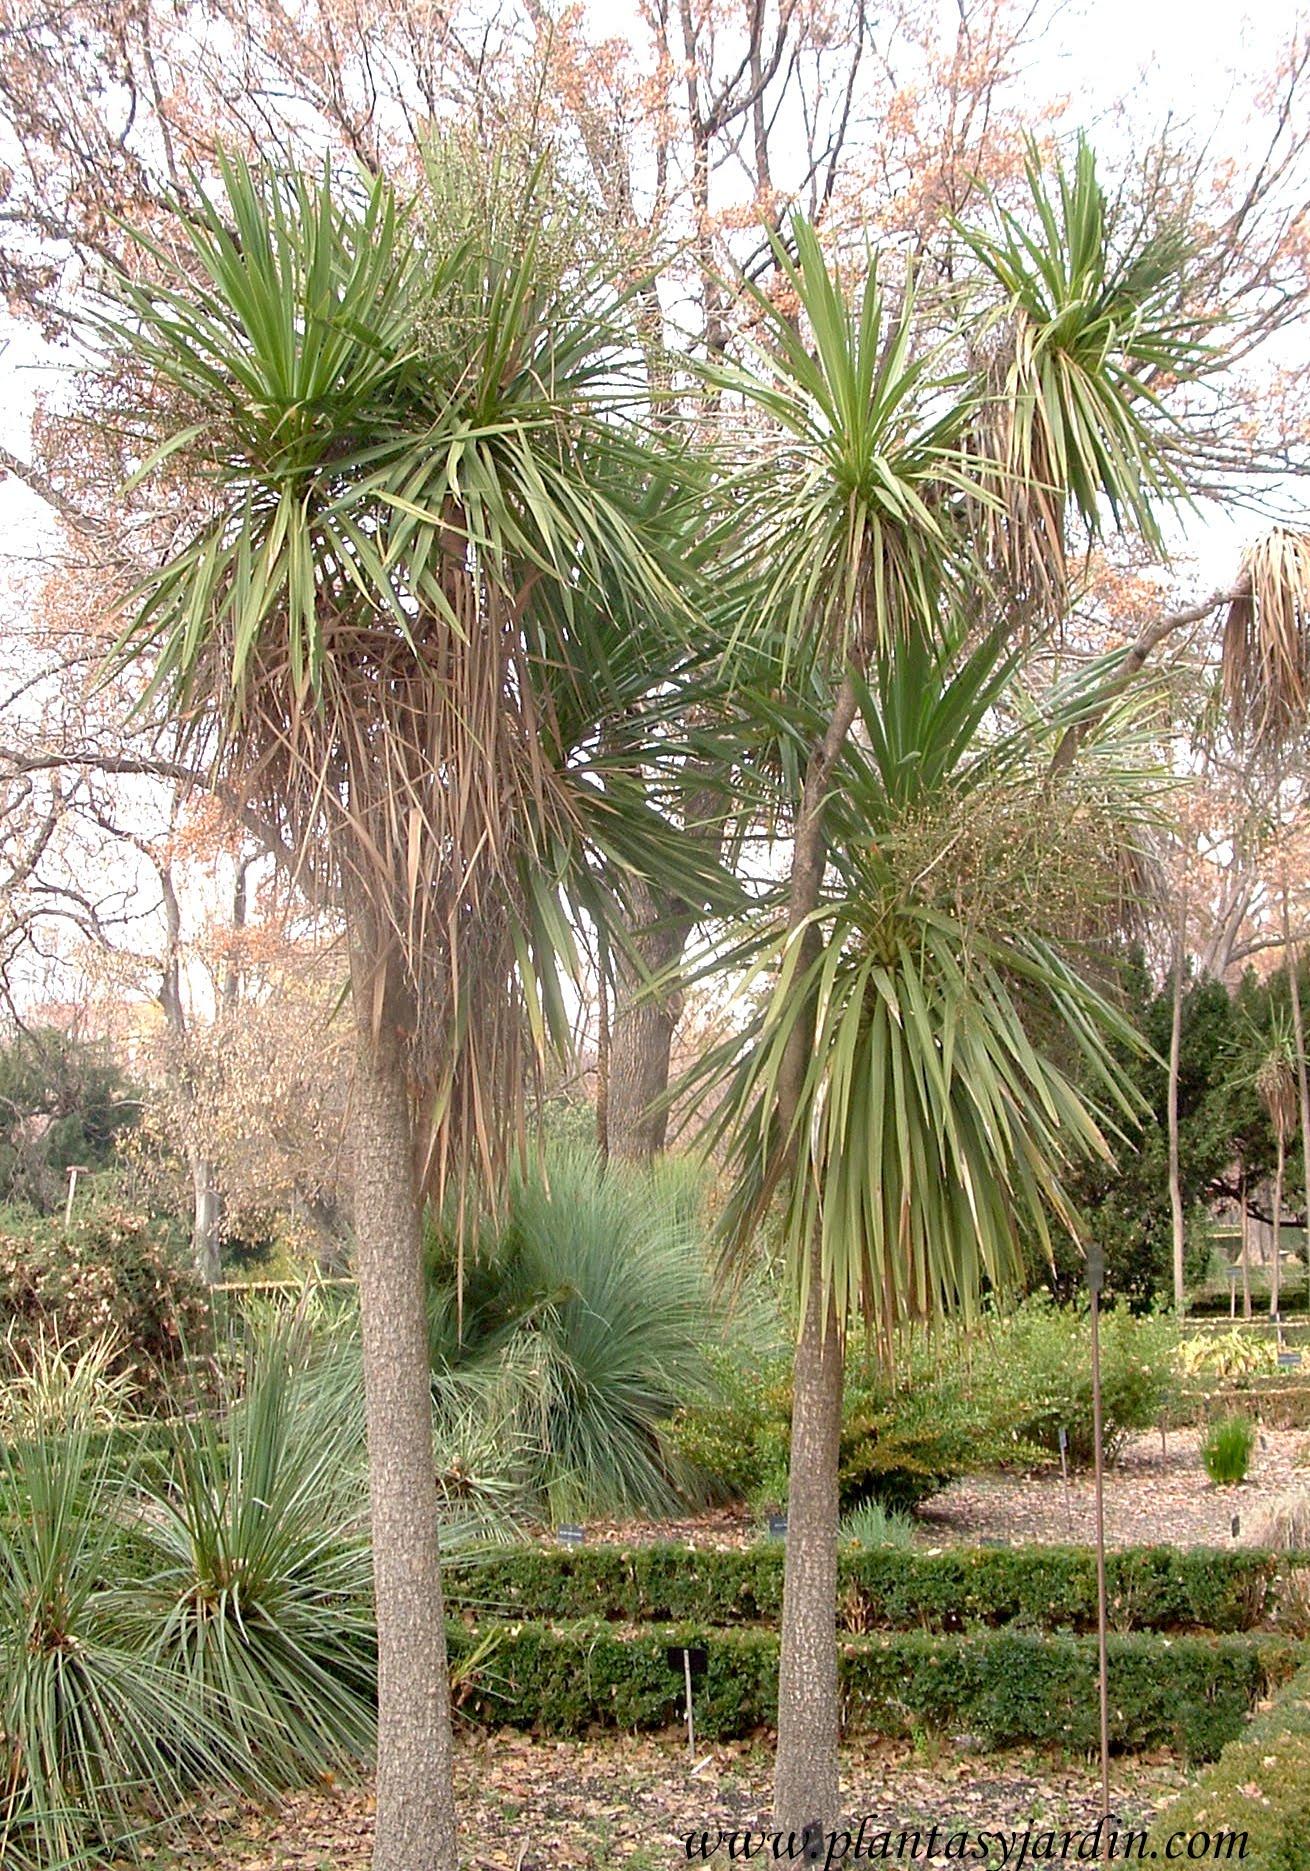 Cordyline australis.